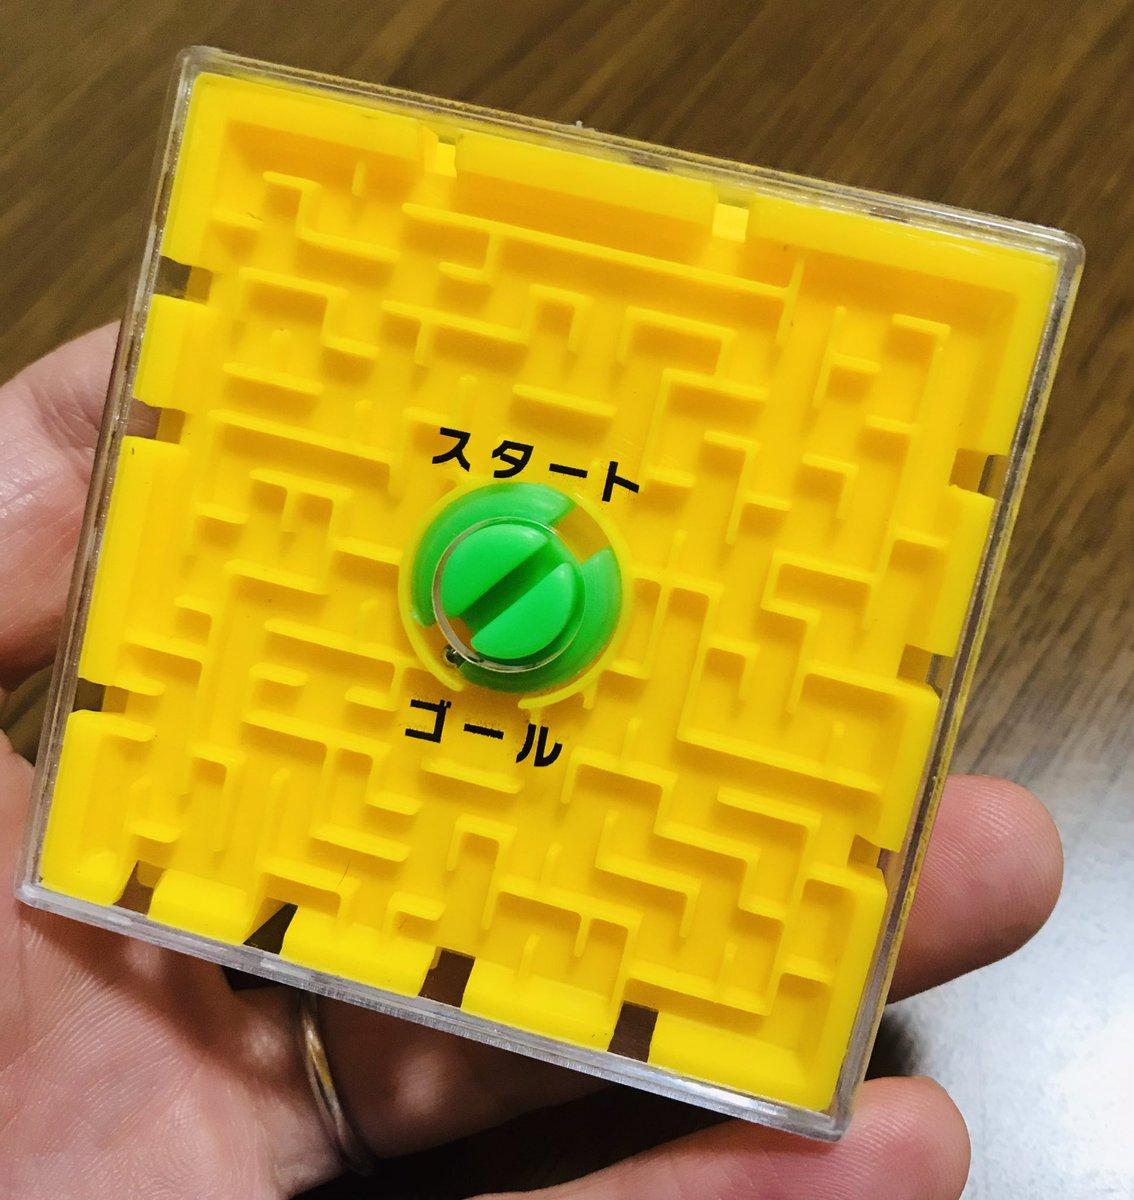 test ツイッターメディア - ダイソーで100円の携帯ゲーム機!! #ダイソー #ゲーム https://t.co/H1v4CivGVz